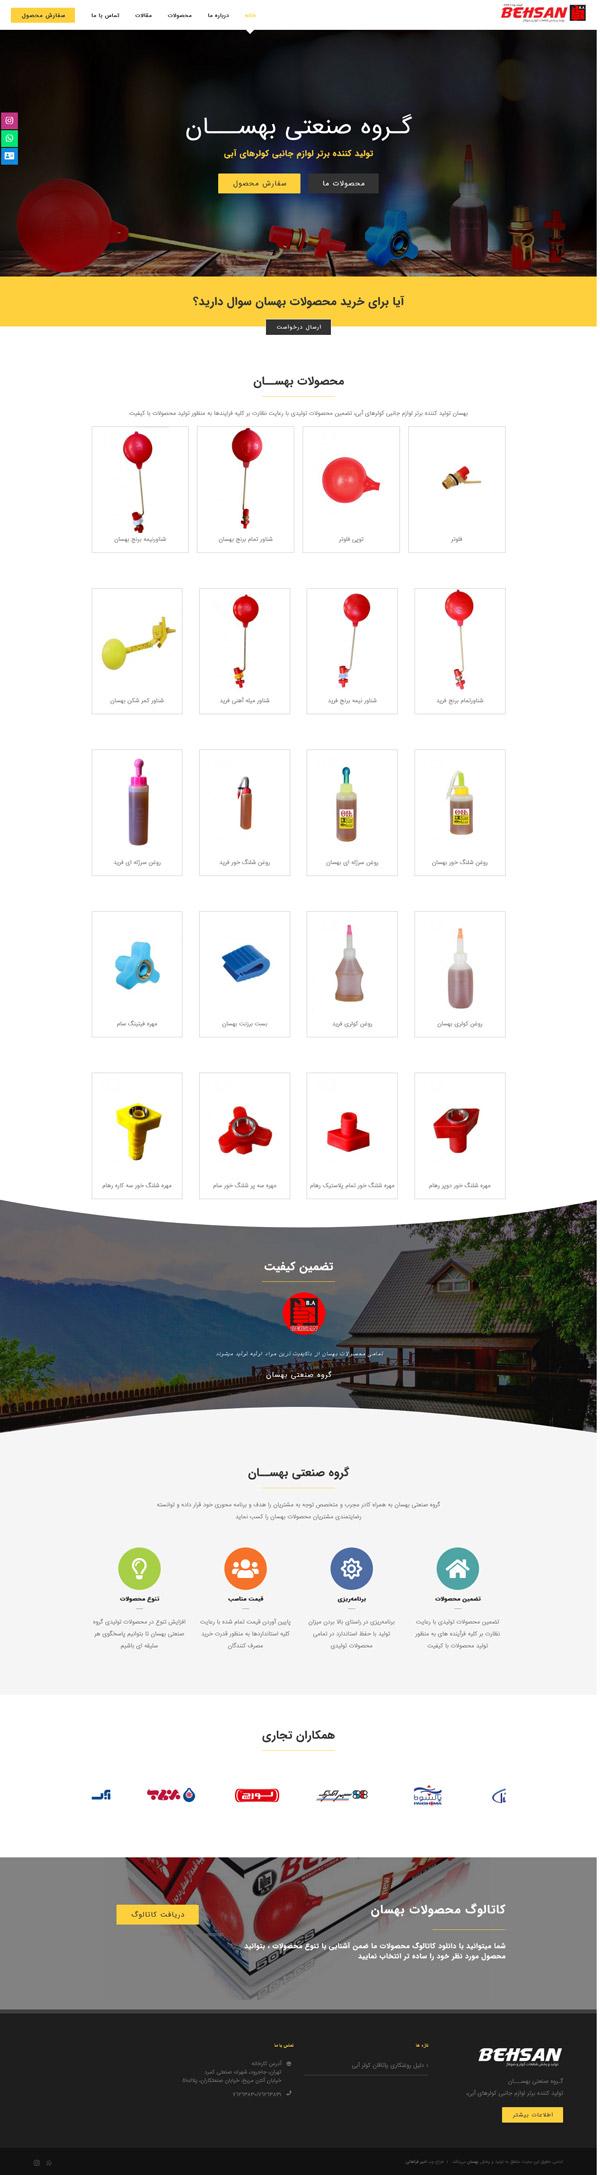 طراح سایت امیر فراهانی